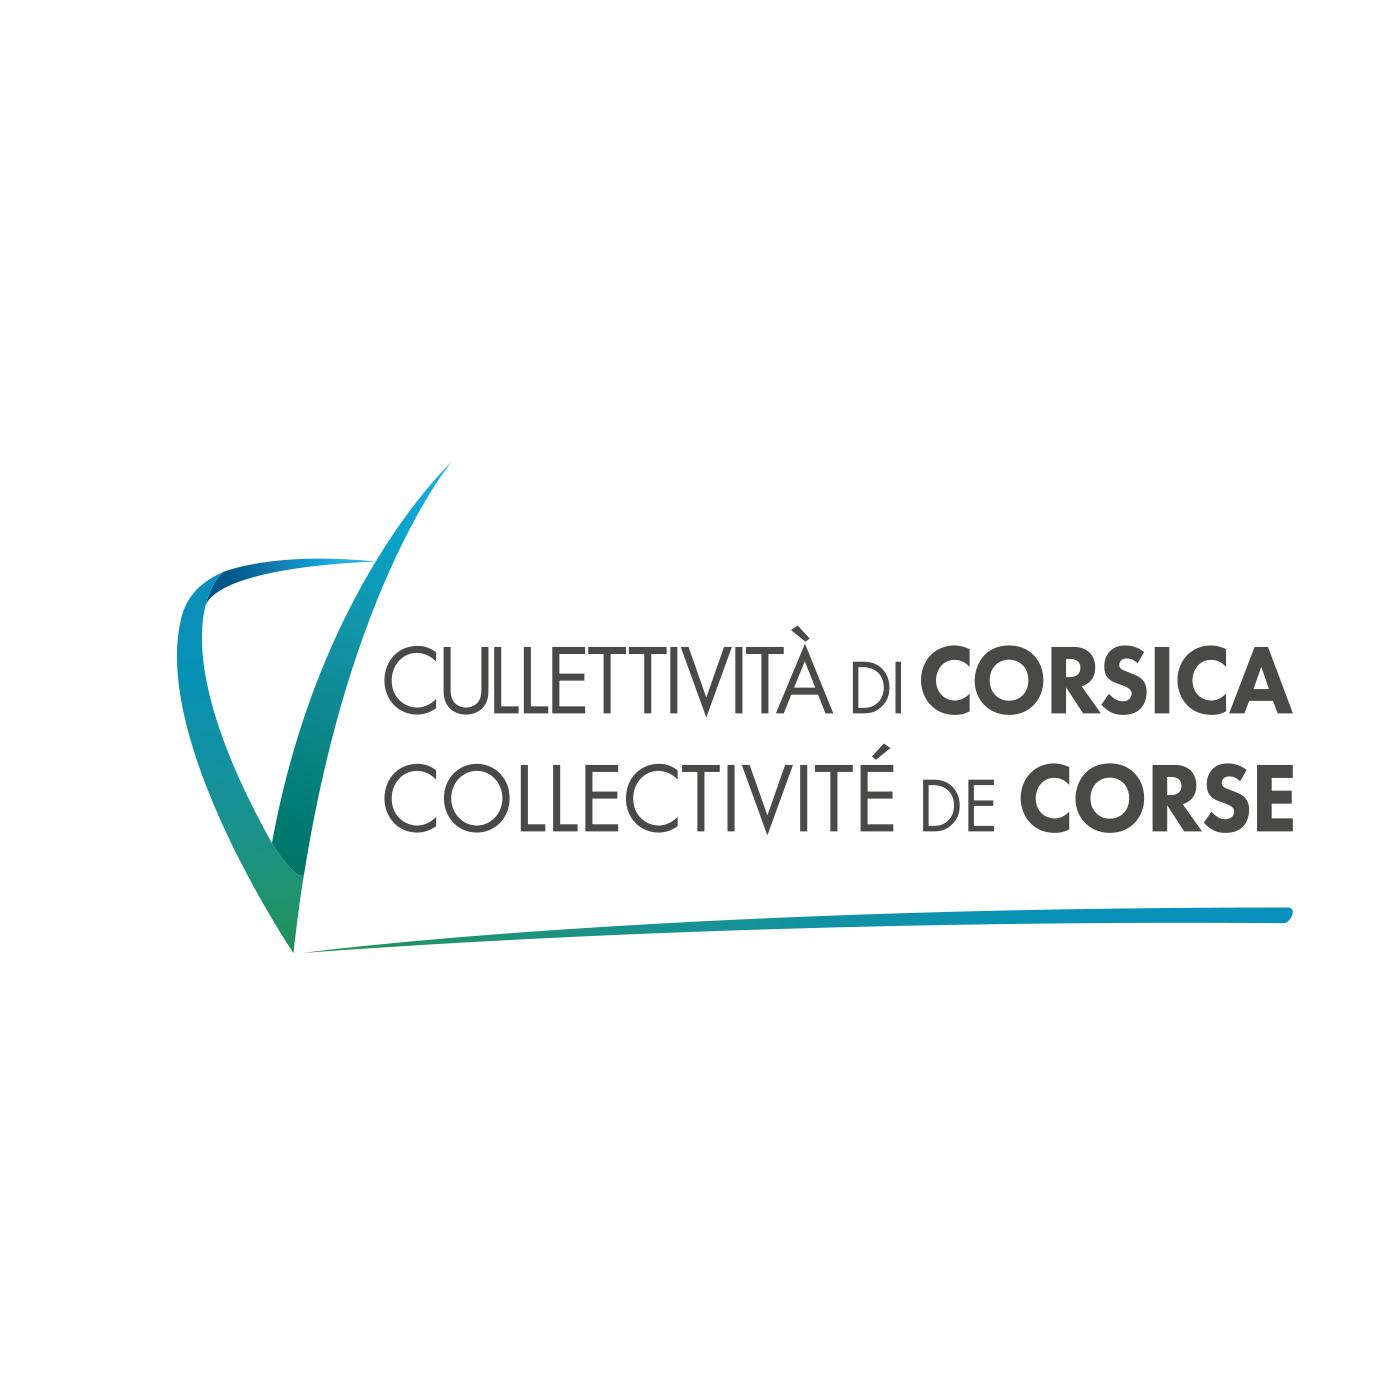 Collectivité de Corse - Cullettivita di Corsica